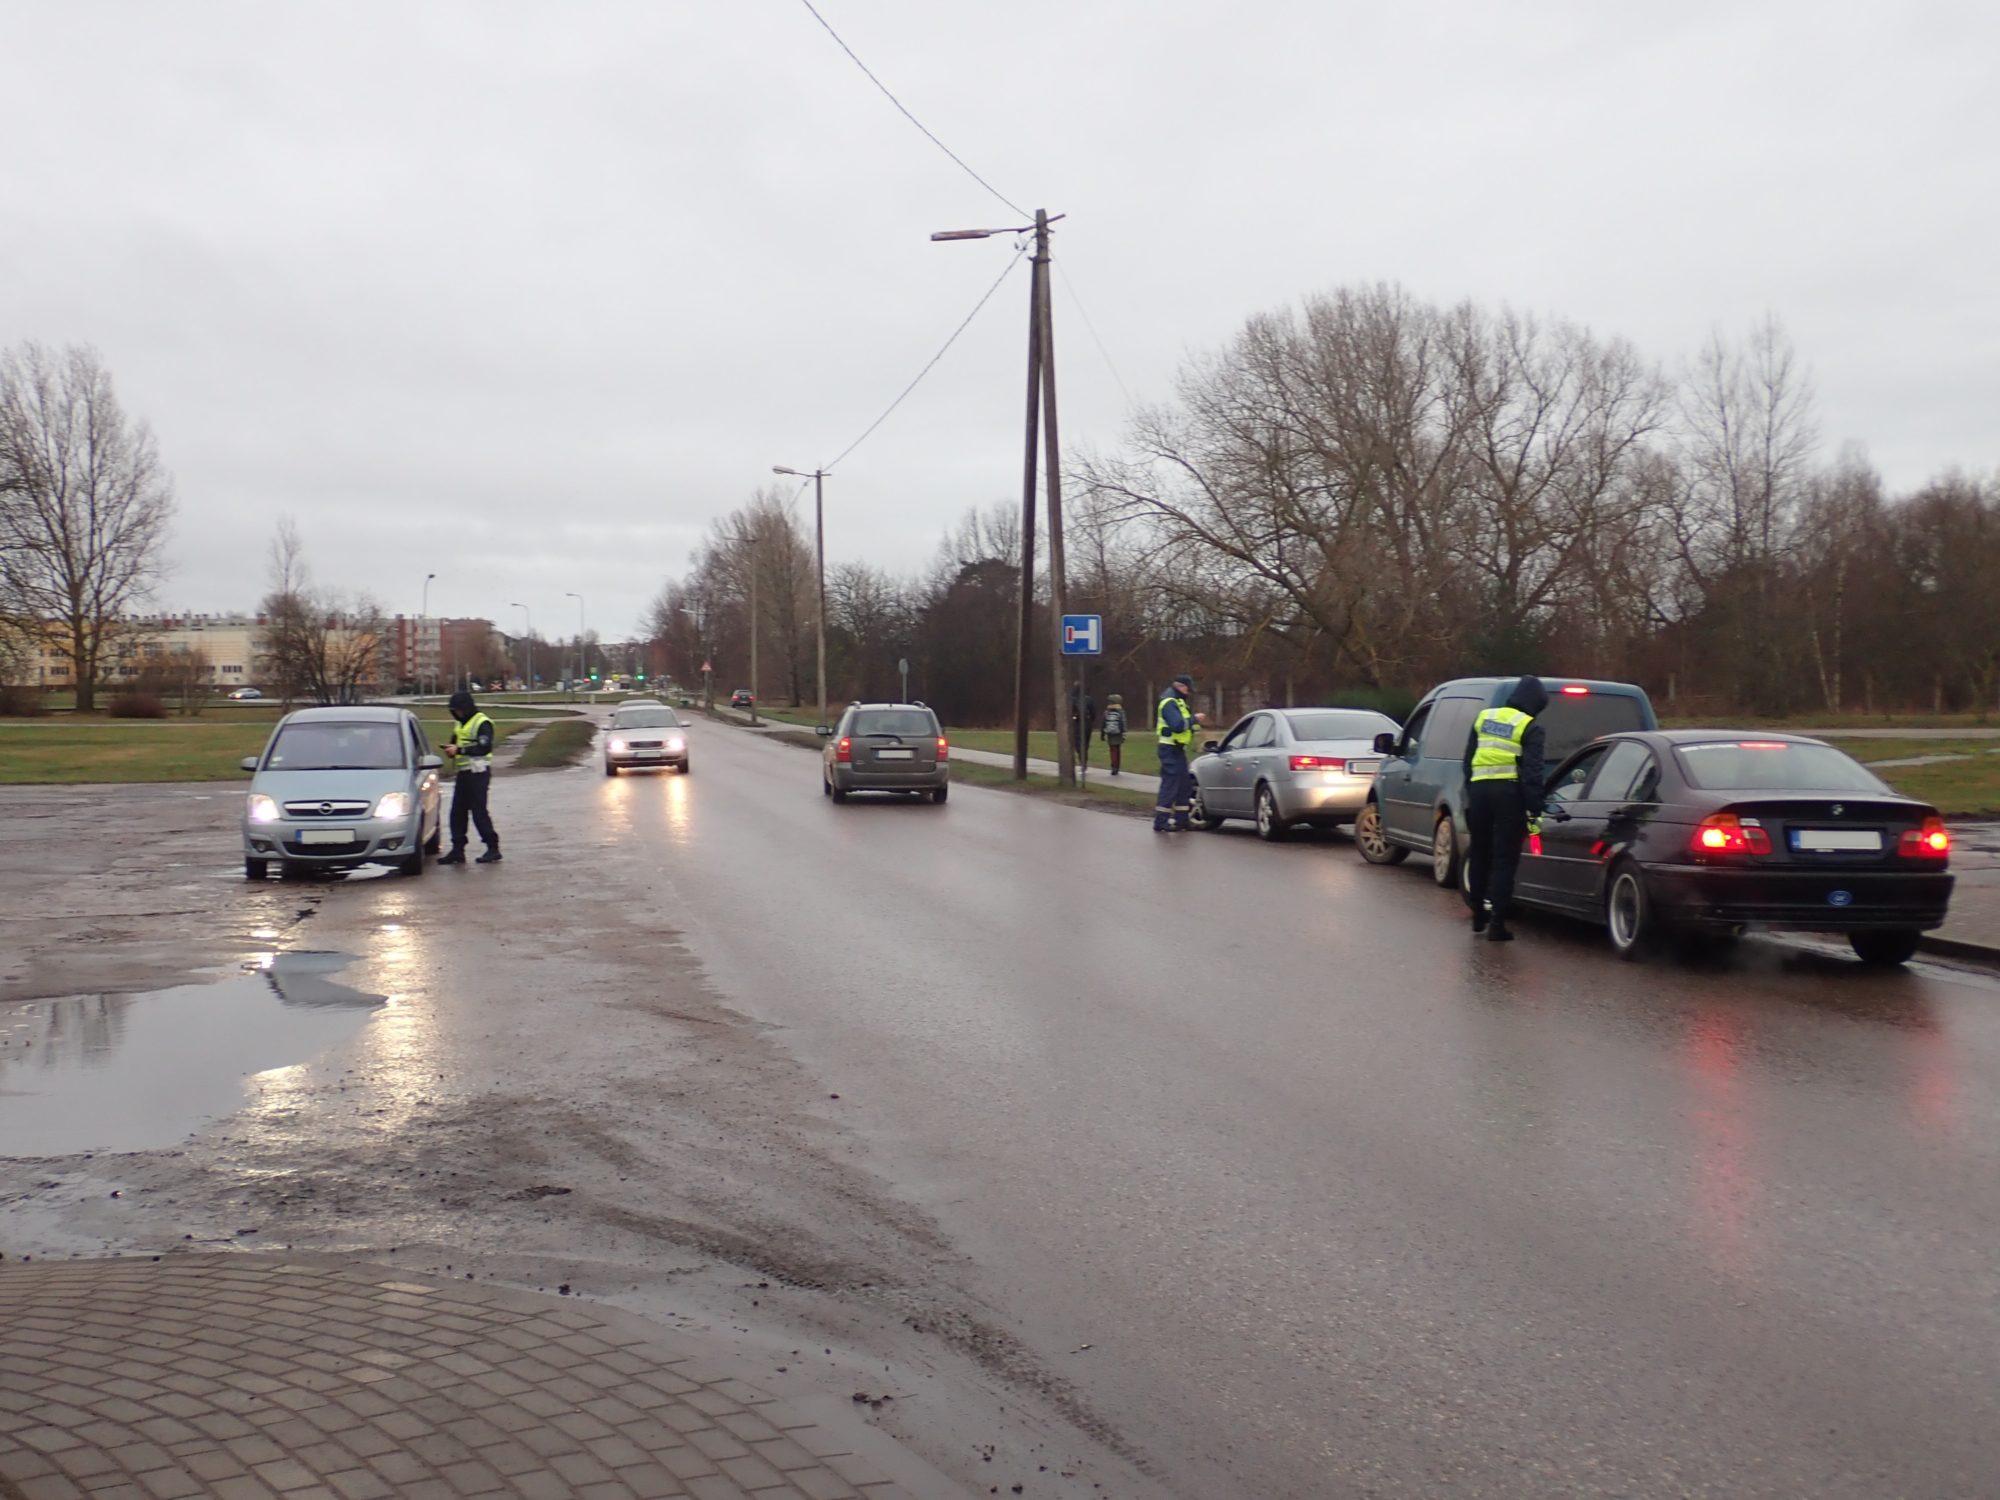 Vienas dienas laikā Kurzemē pārbaudīti 1 529 transportlīdzekļu vadītāji; noformēti 142 administratīvo pārkāpumu protokoli